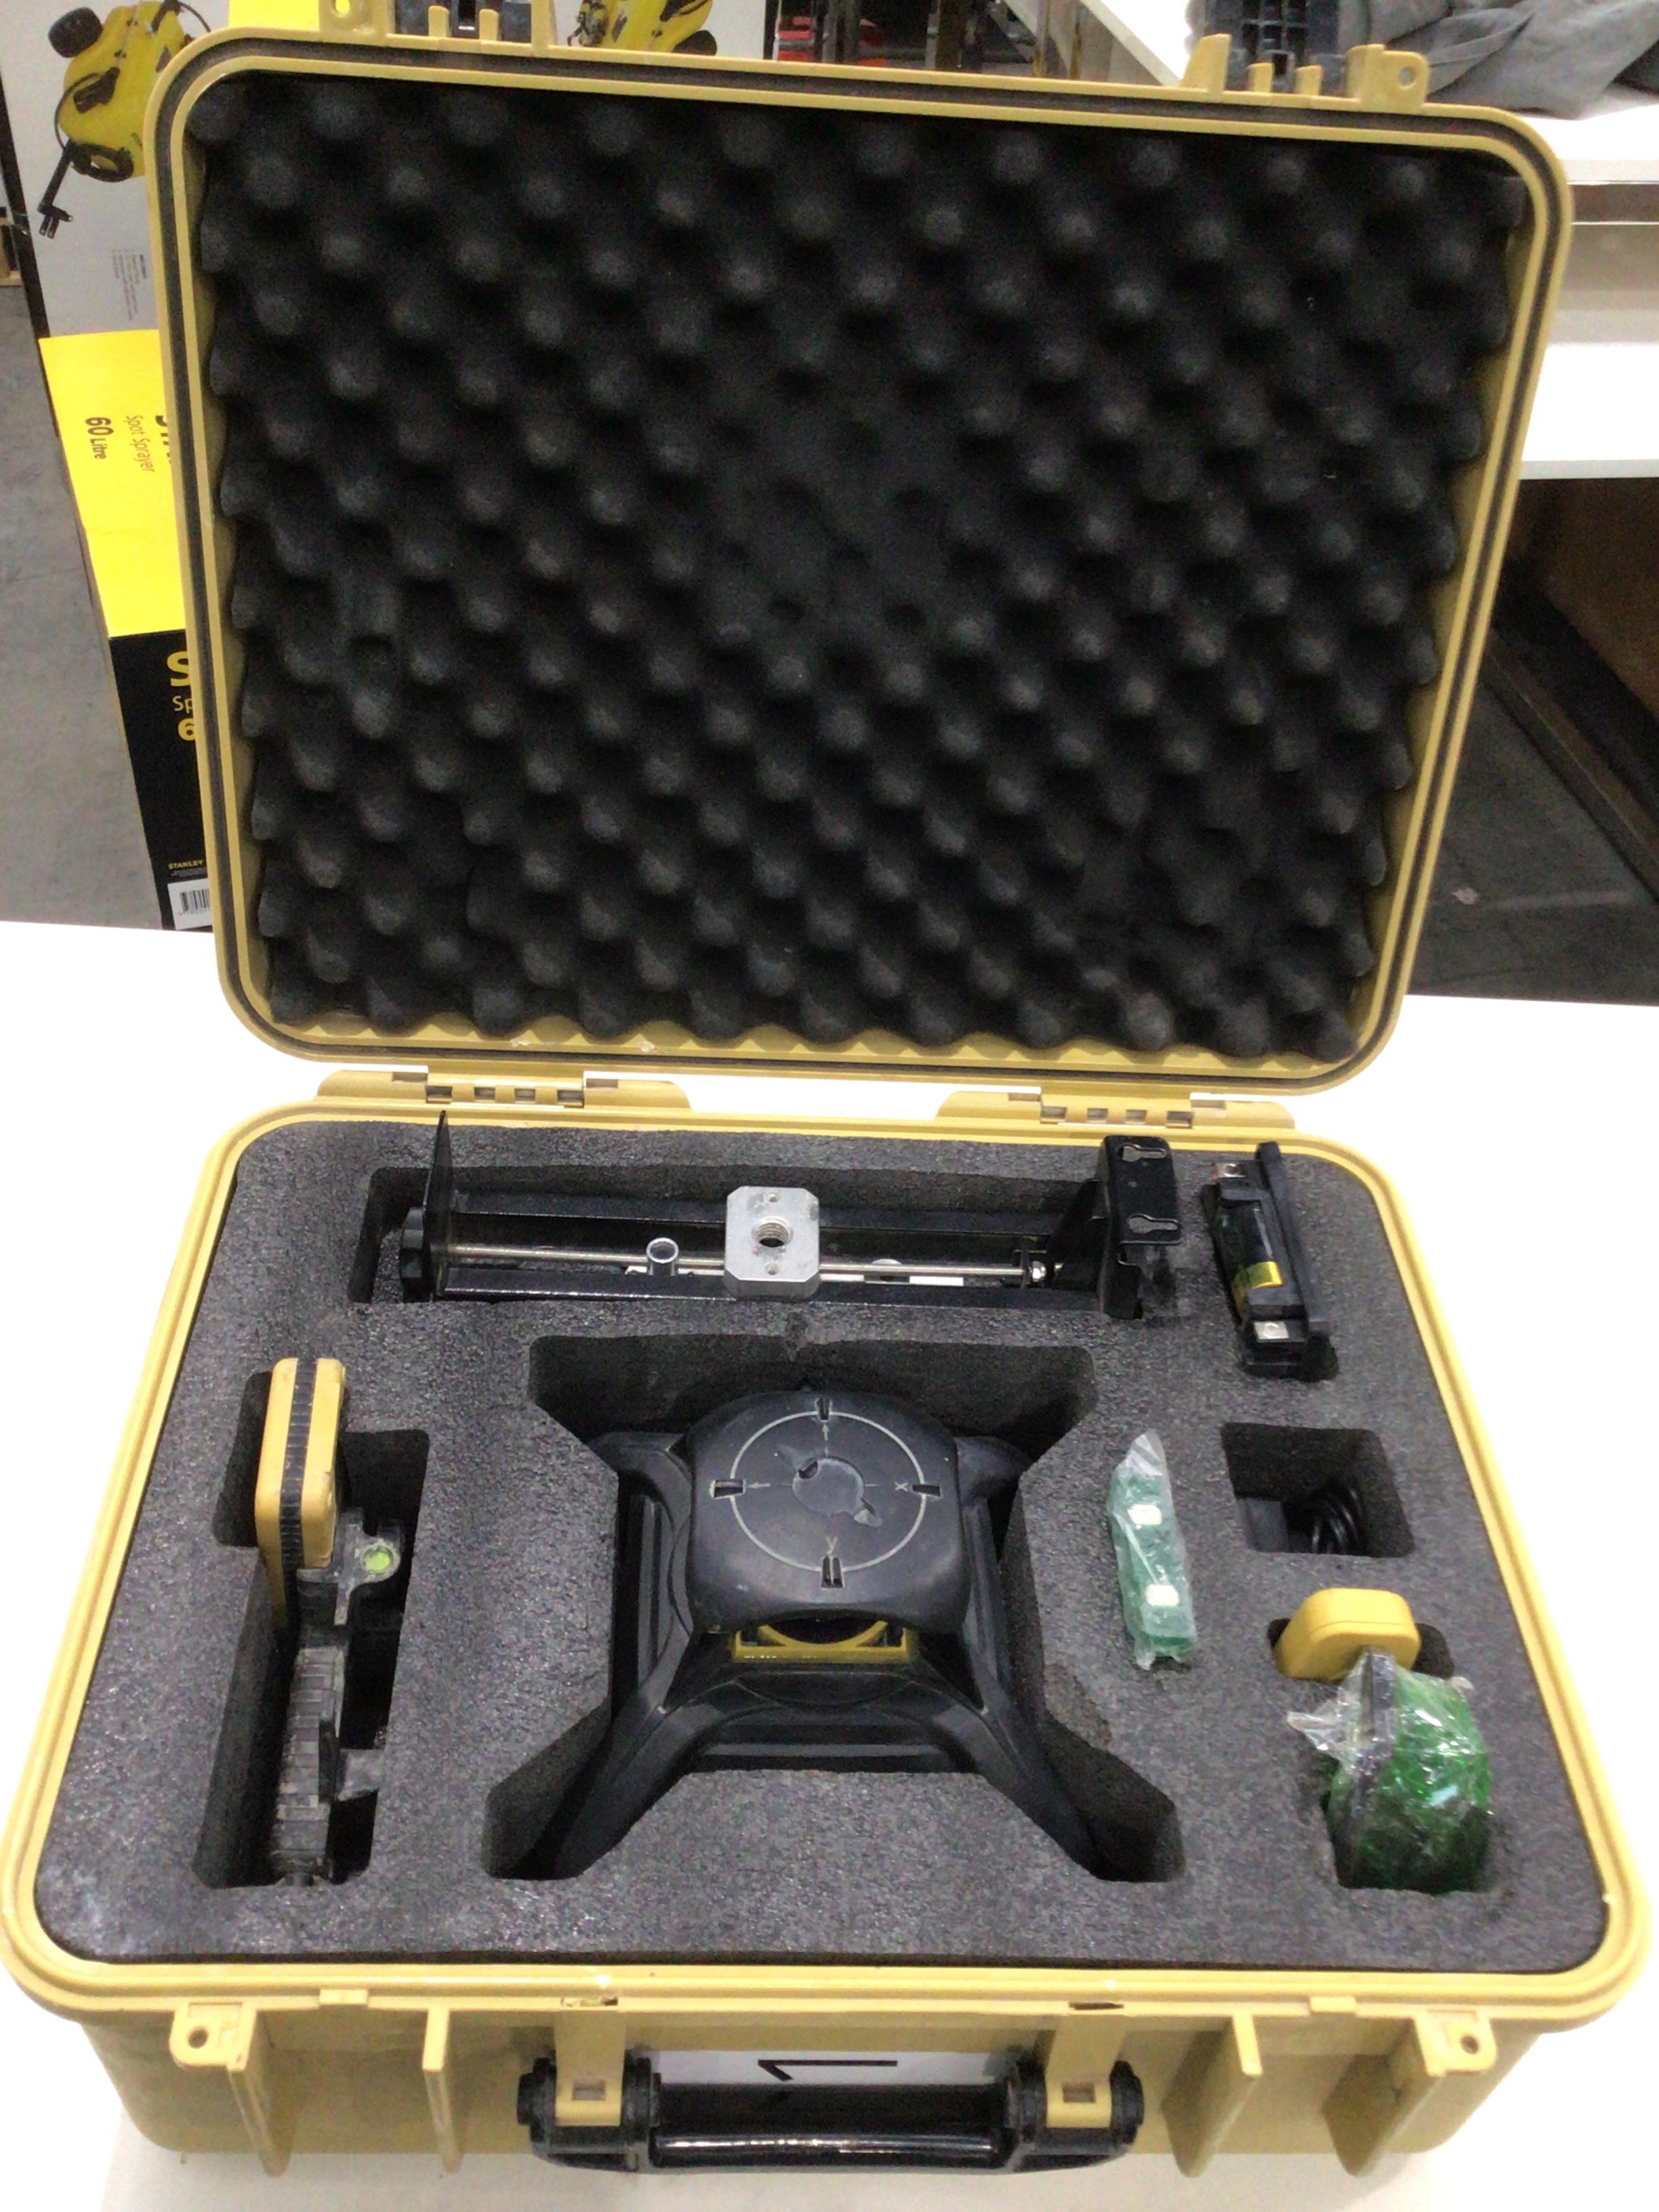 CPI Green beam rotary laser kit